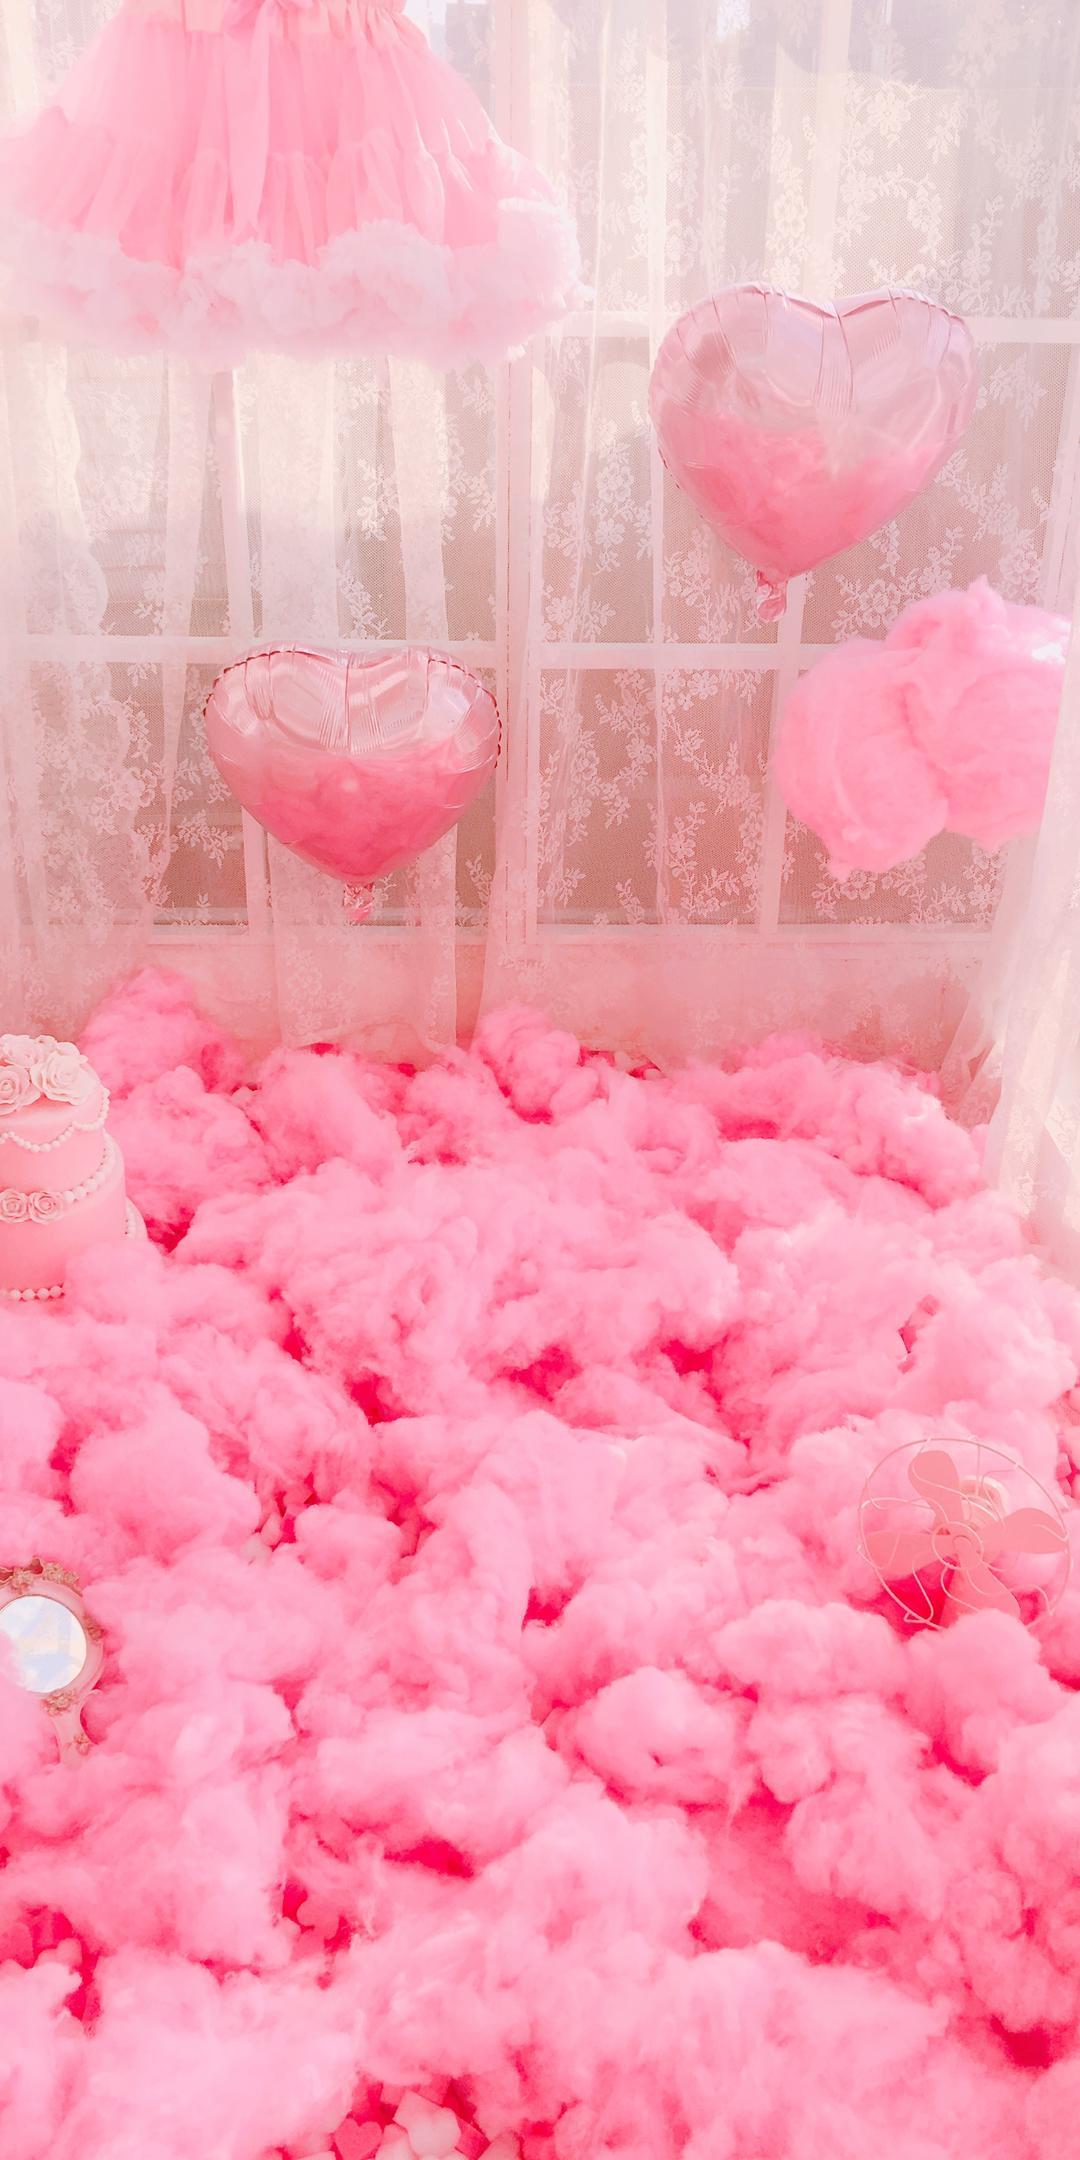 5e67b89fa4b7b - 粉色系少女心手机壁纸